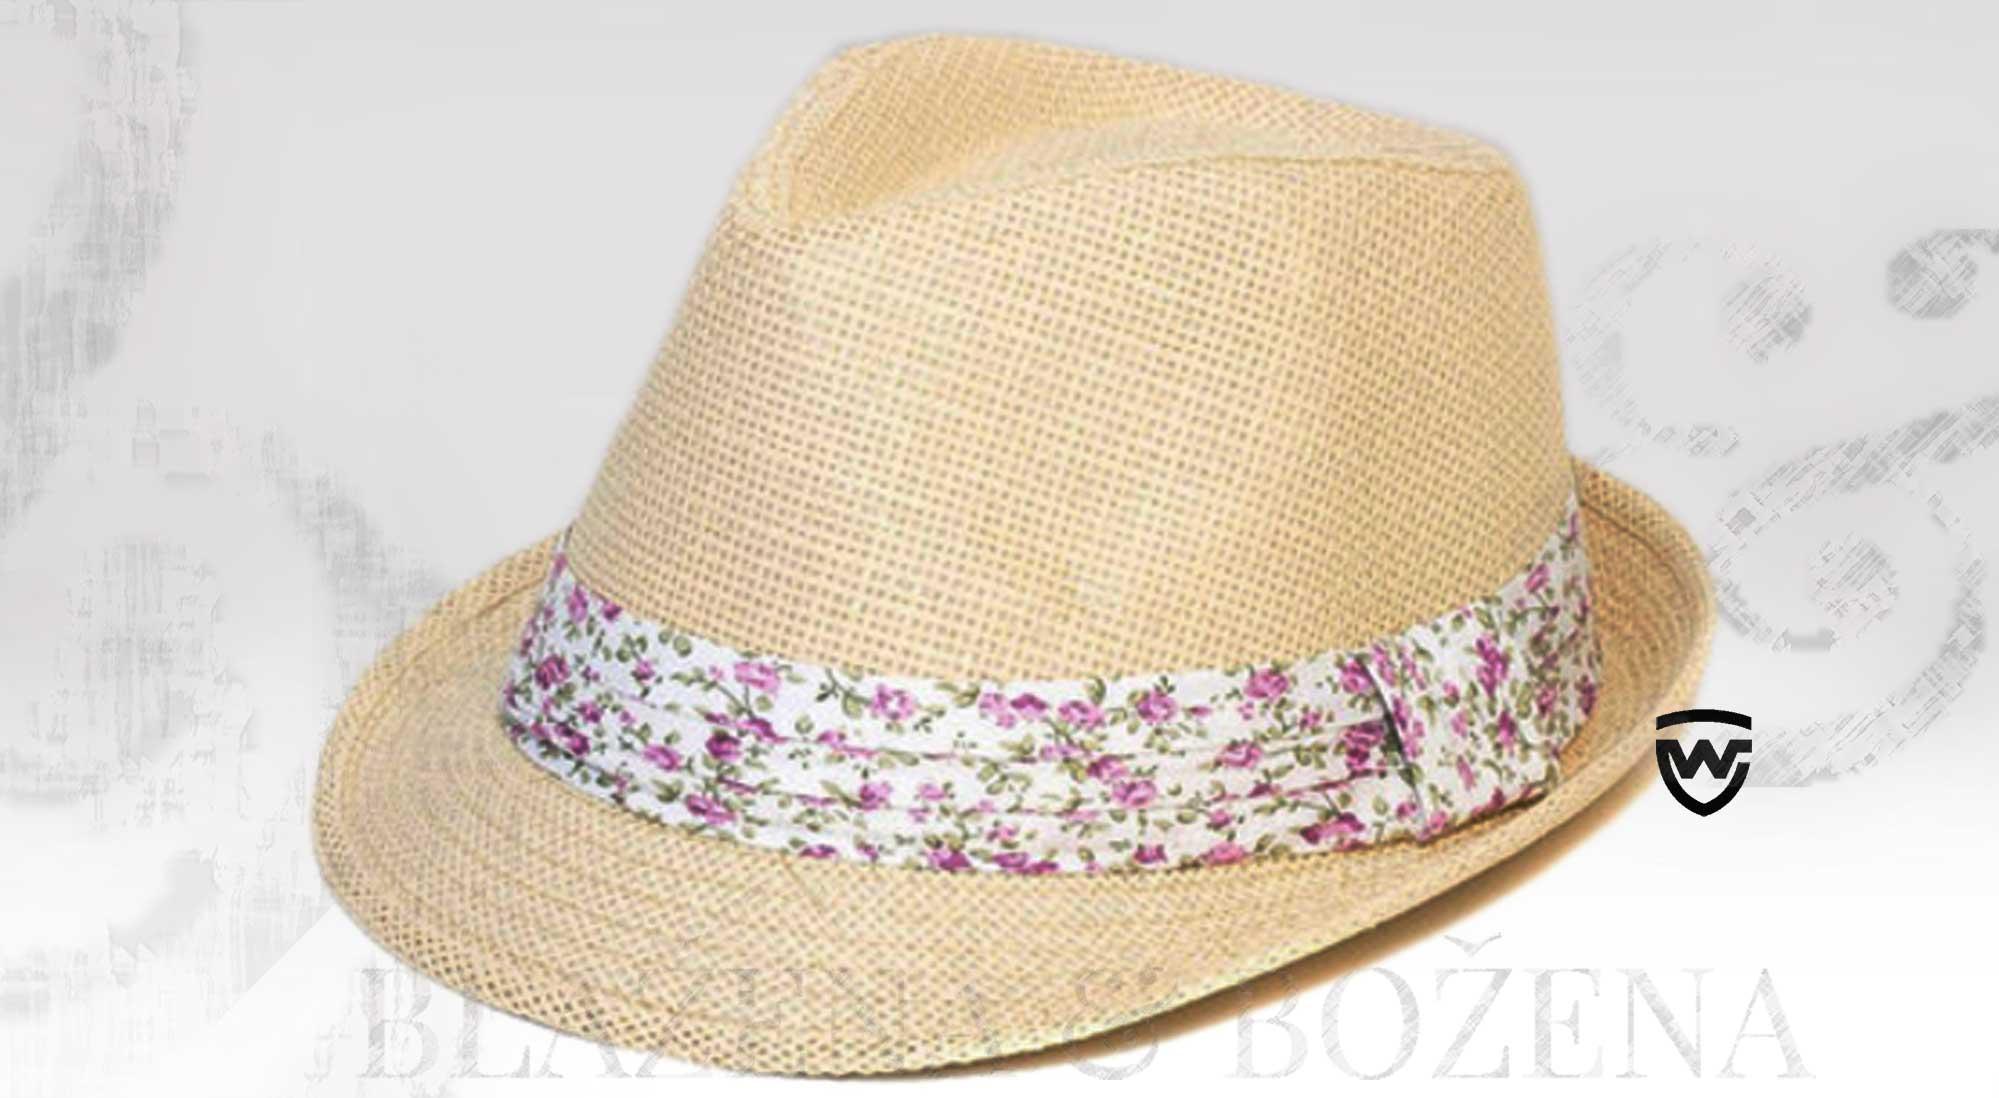 Wayfarer Laredo – slamák s kvítky růže – Blažena Božena fc8c9cc888